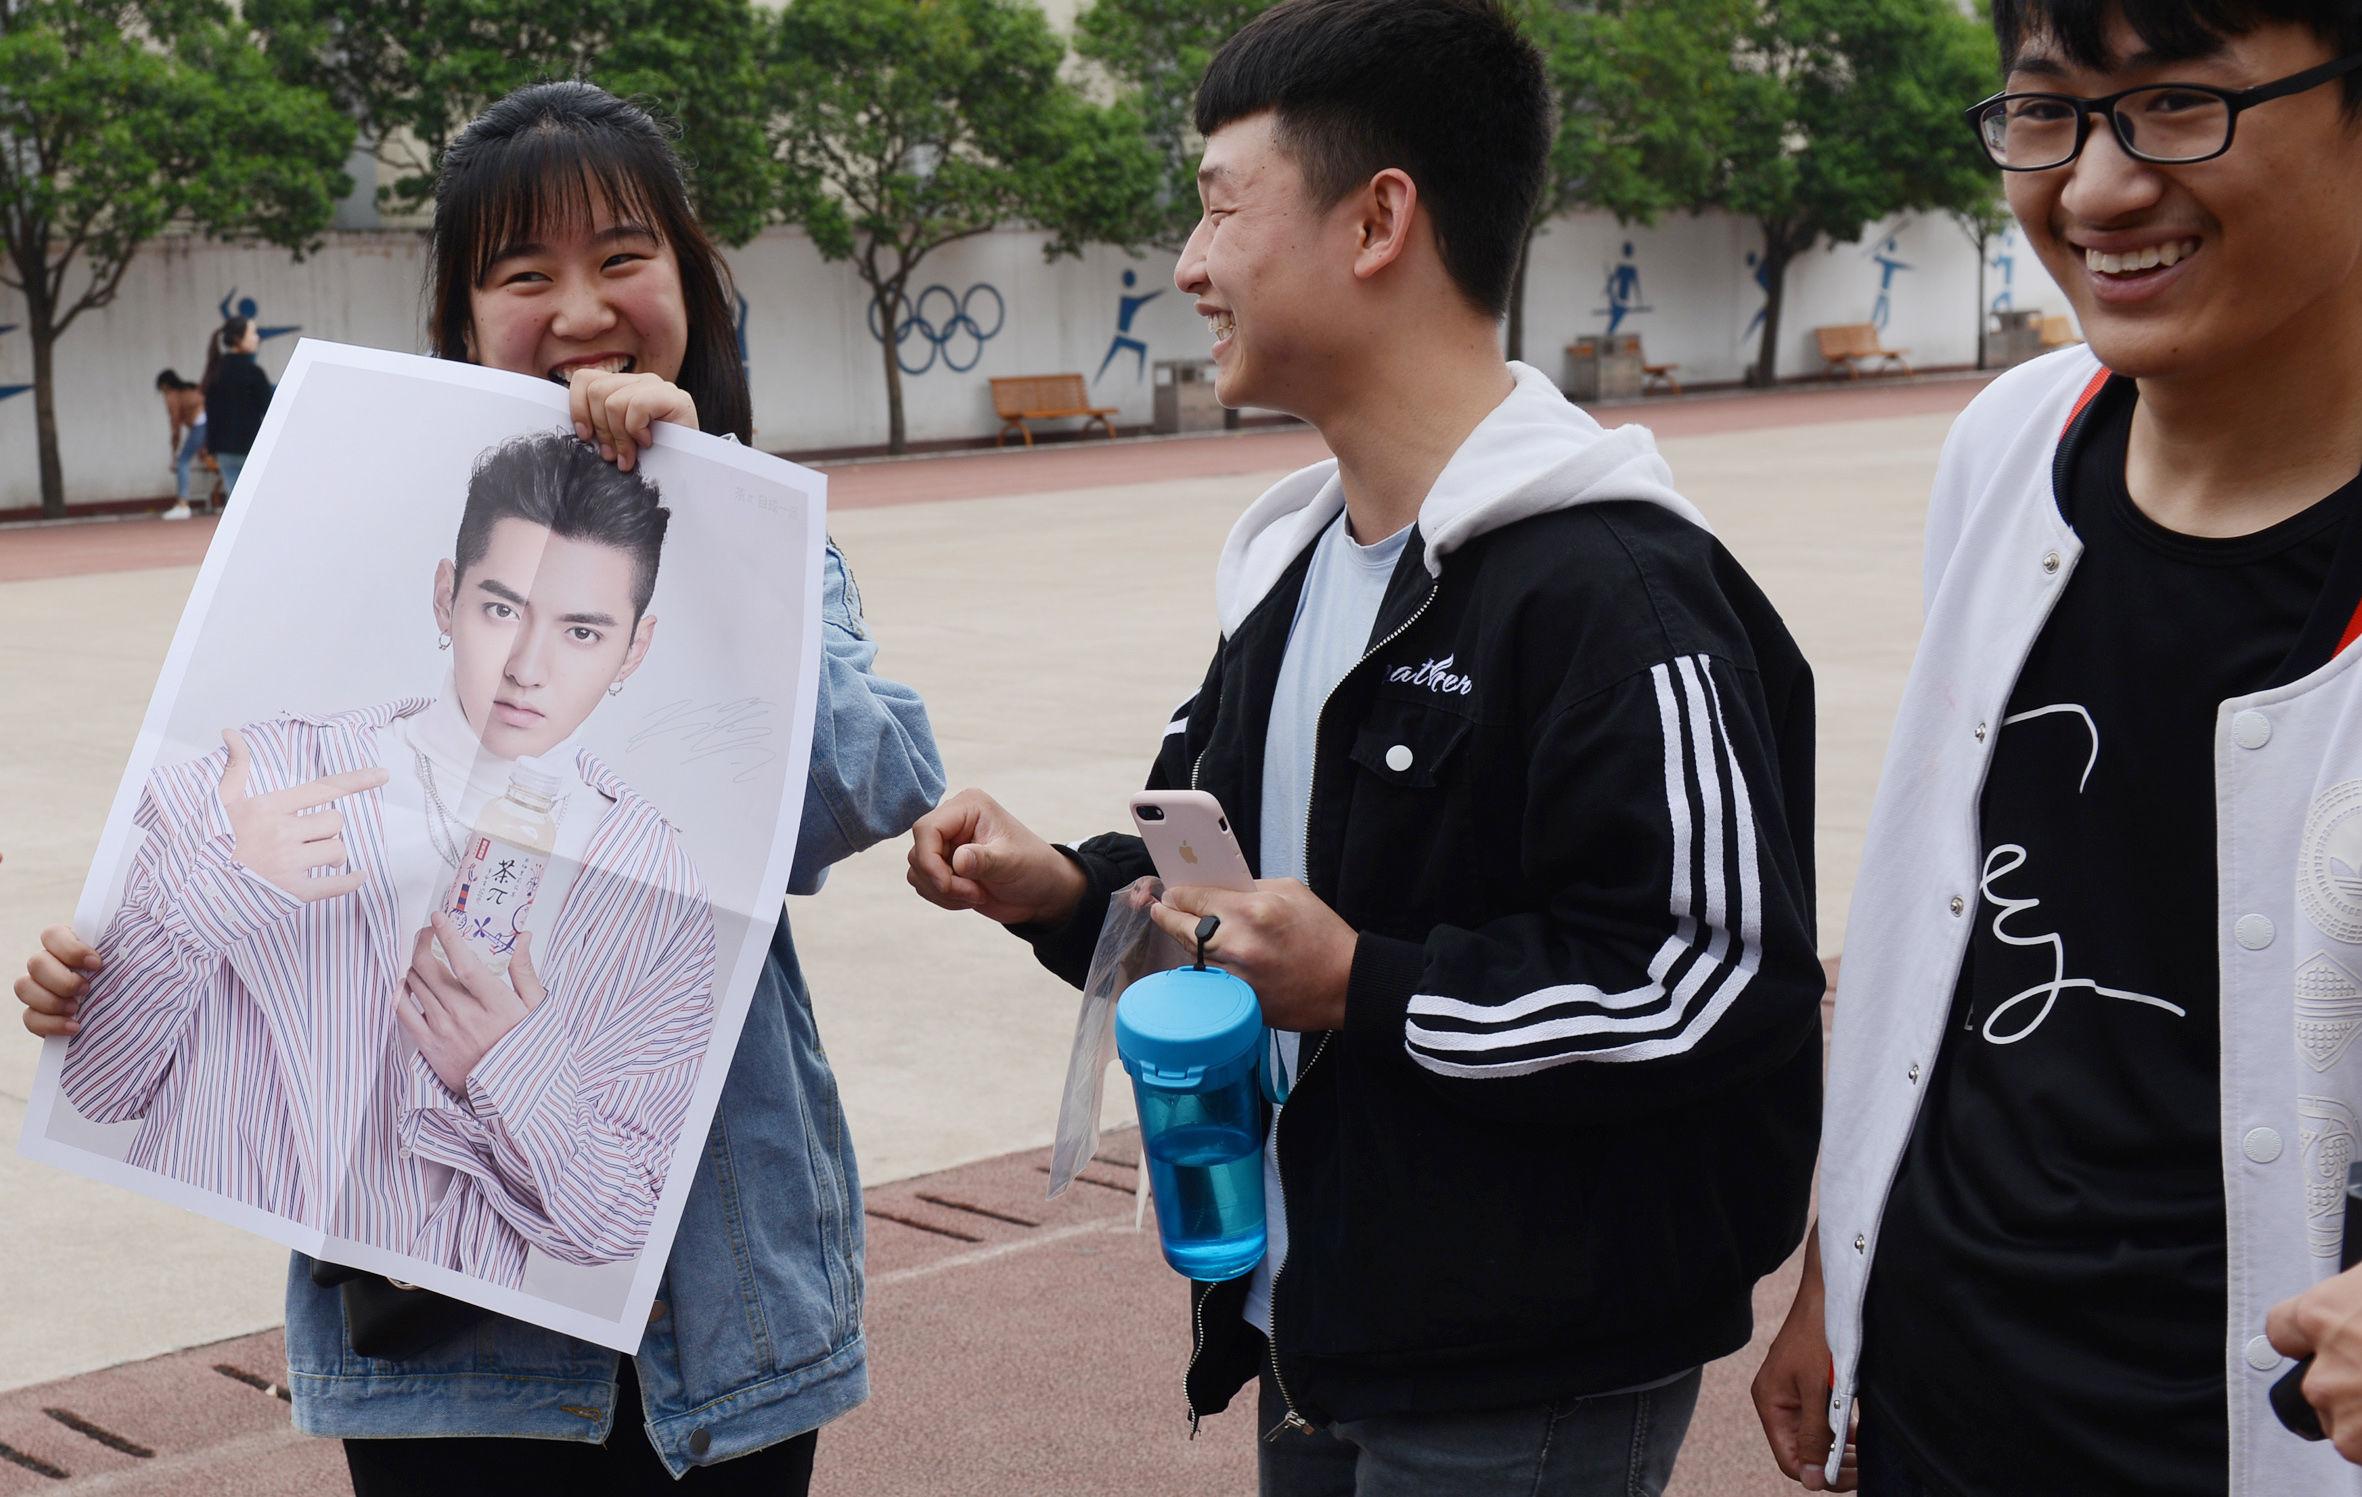 2018年4月25日,郑州幼儿师范高等专科学校,一位男生在练习钢琴.